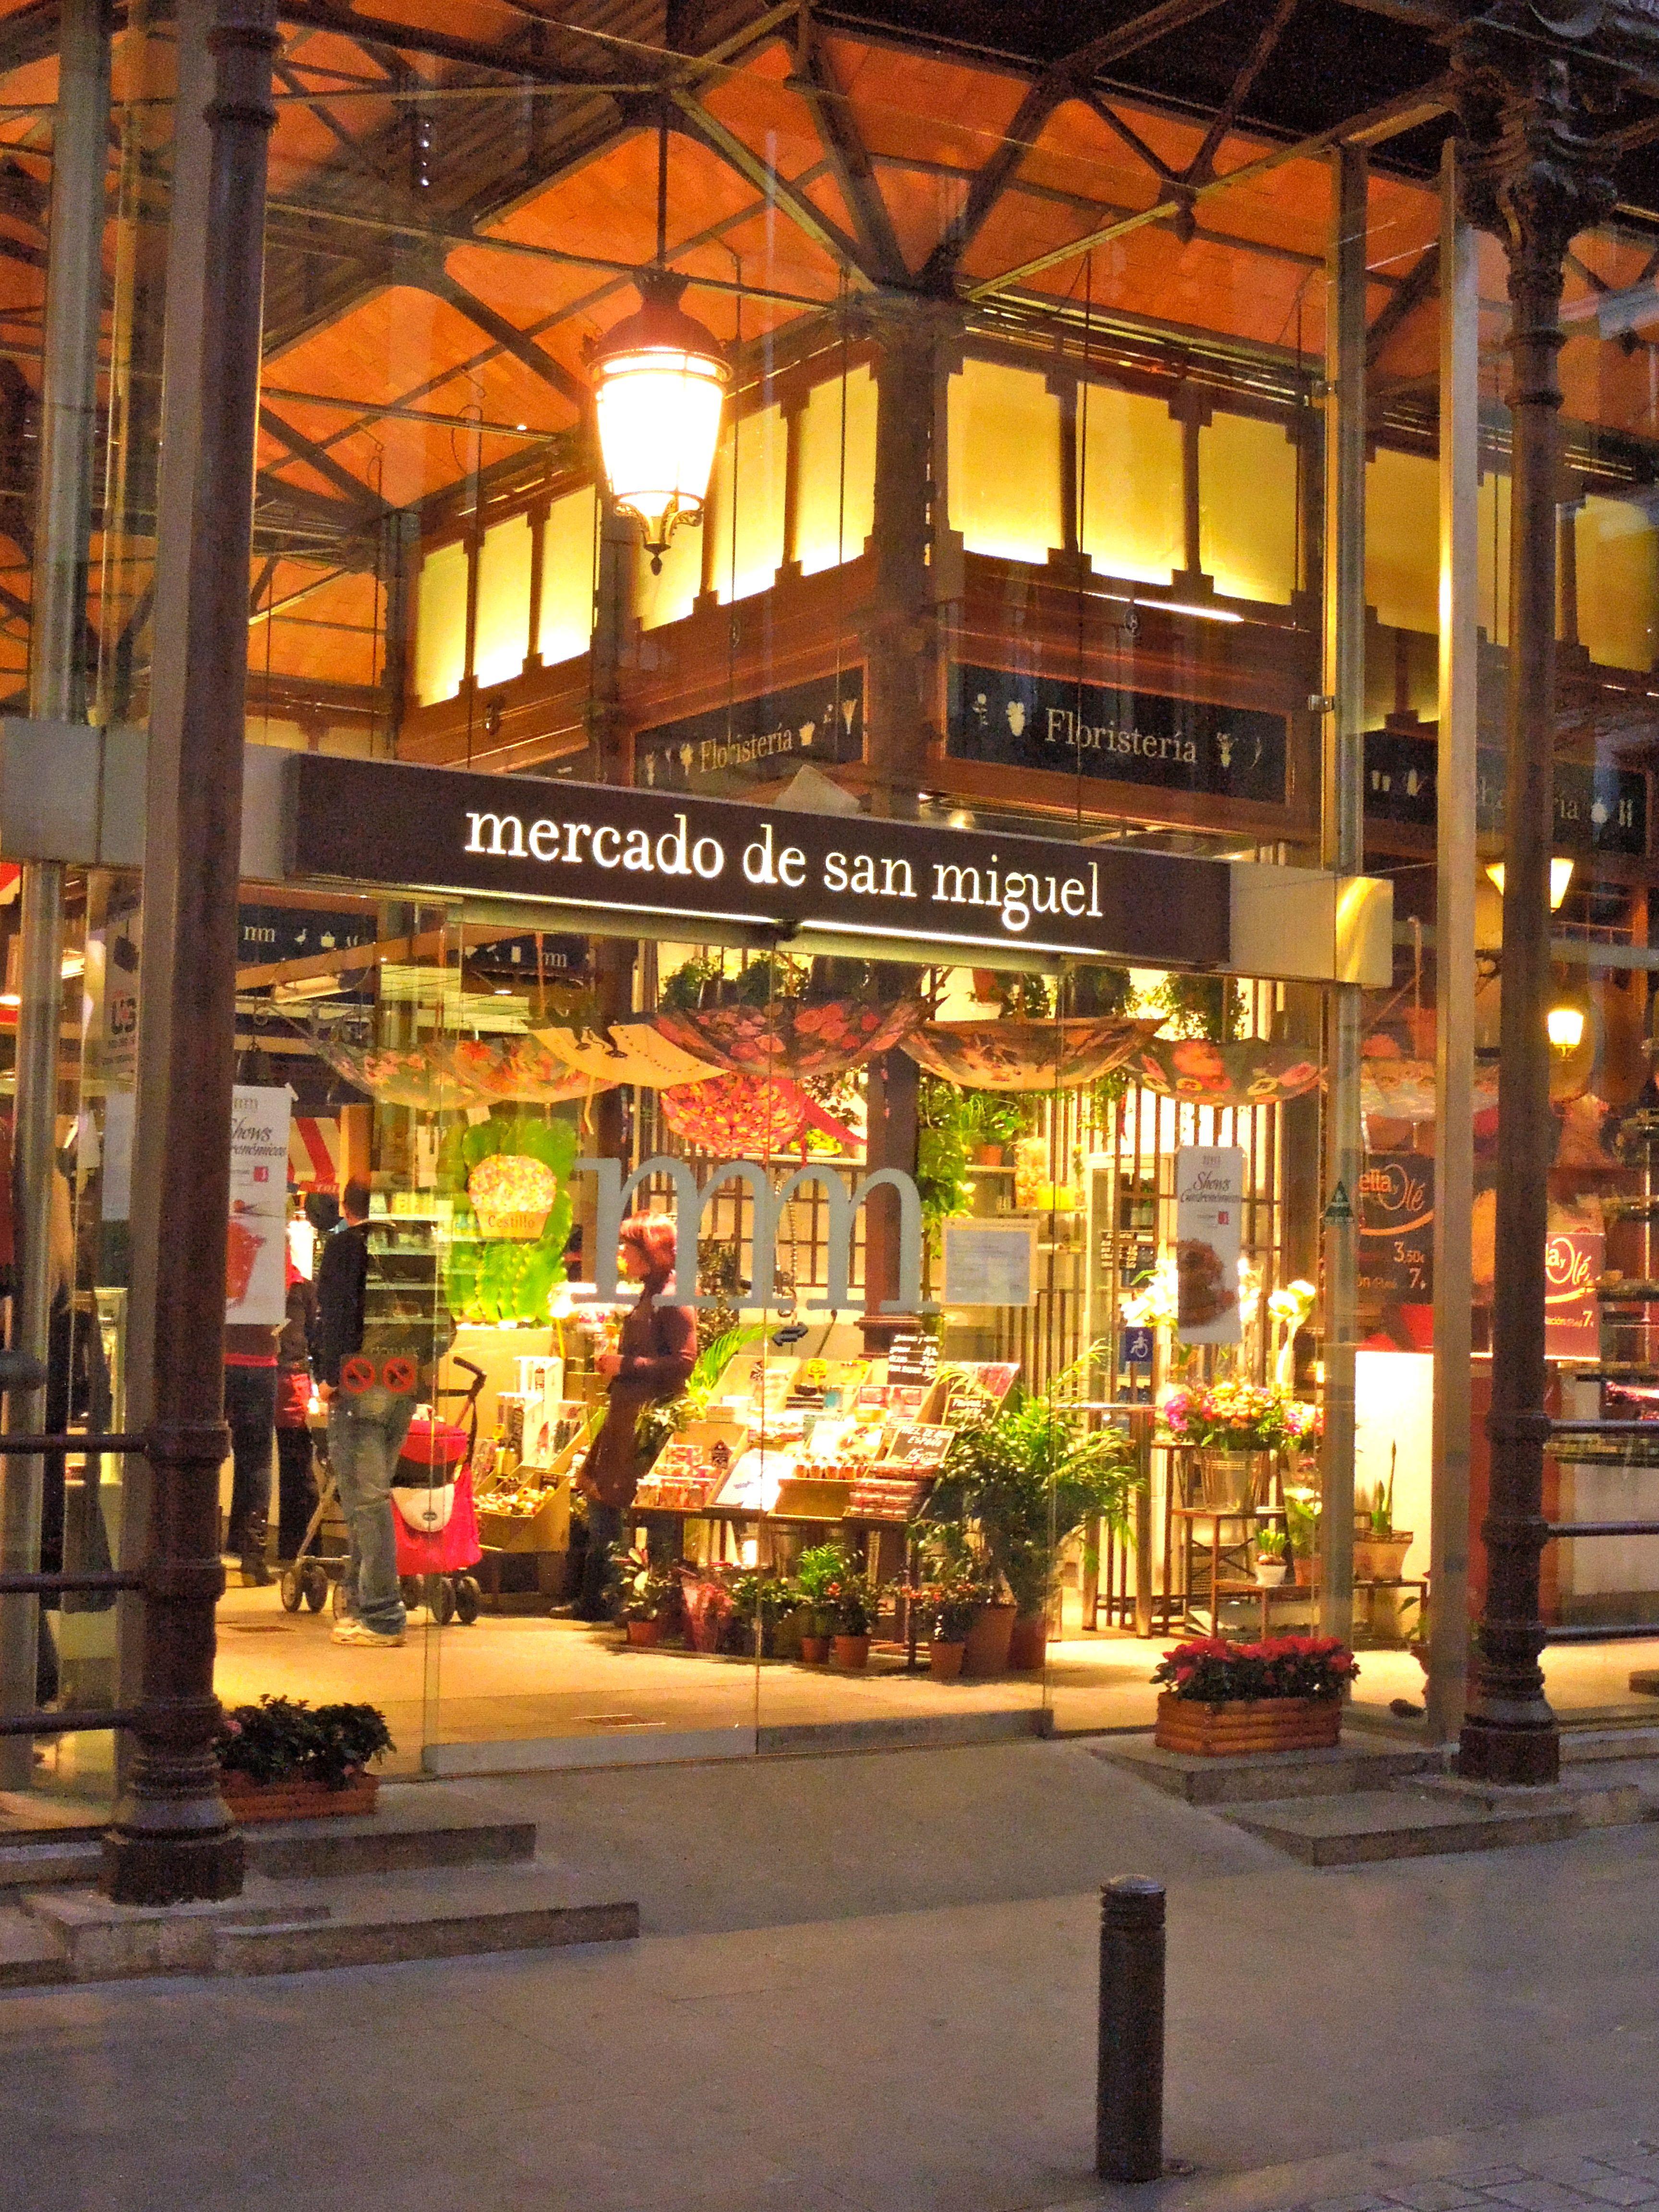 Estamos muy cerquita del mercado san miguel madrid for Sitios turisticos de madrid espana